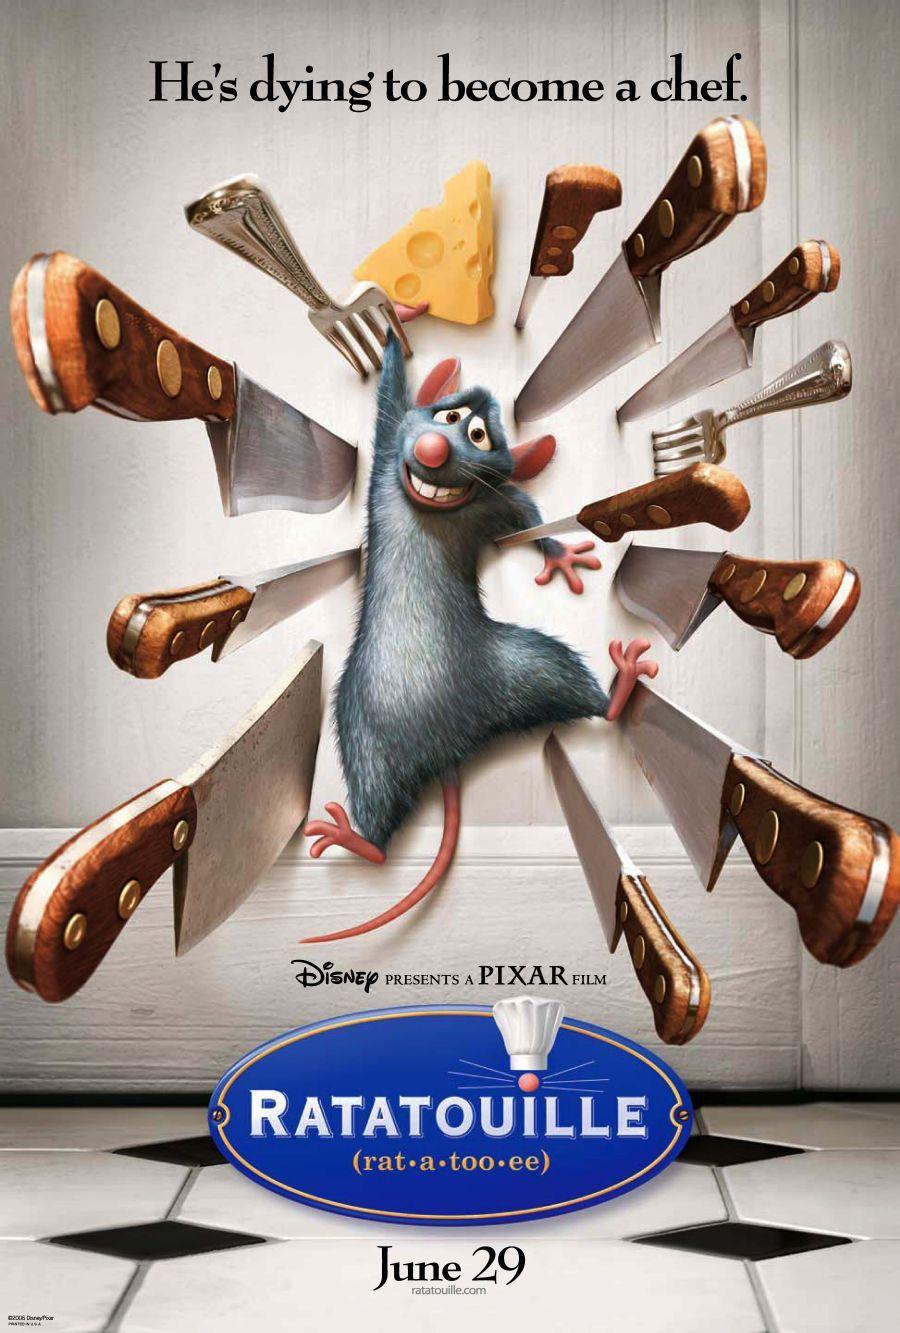 Ratatouille movie poster